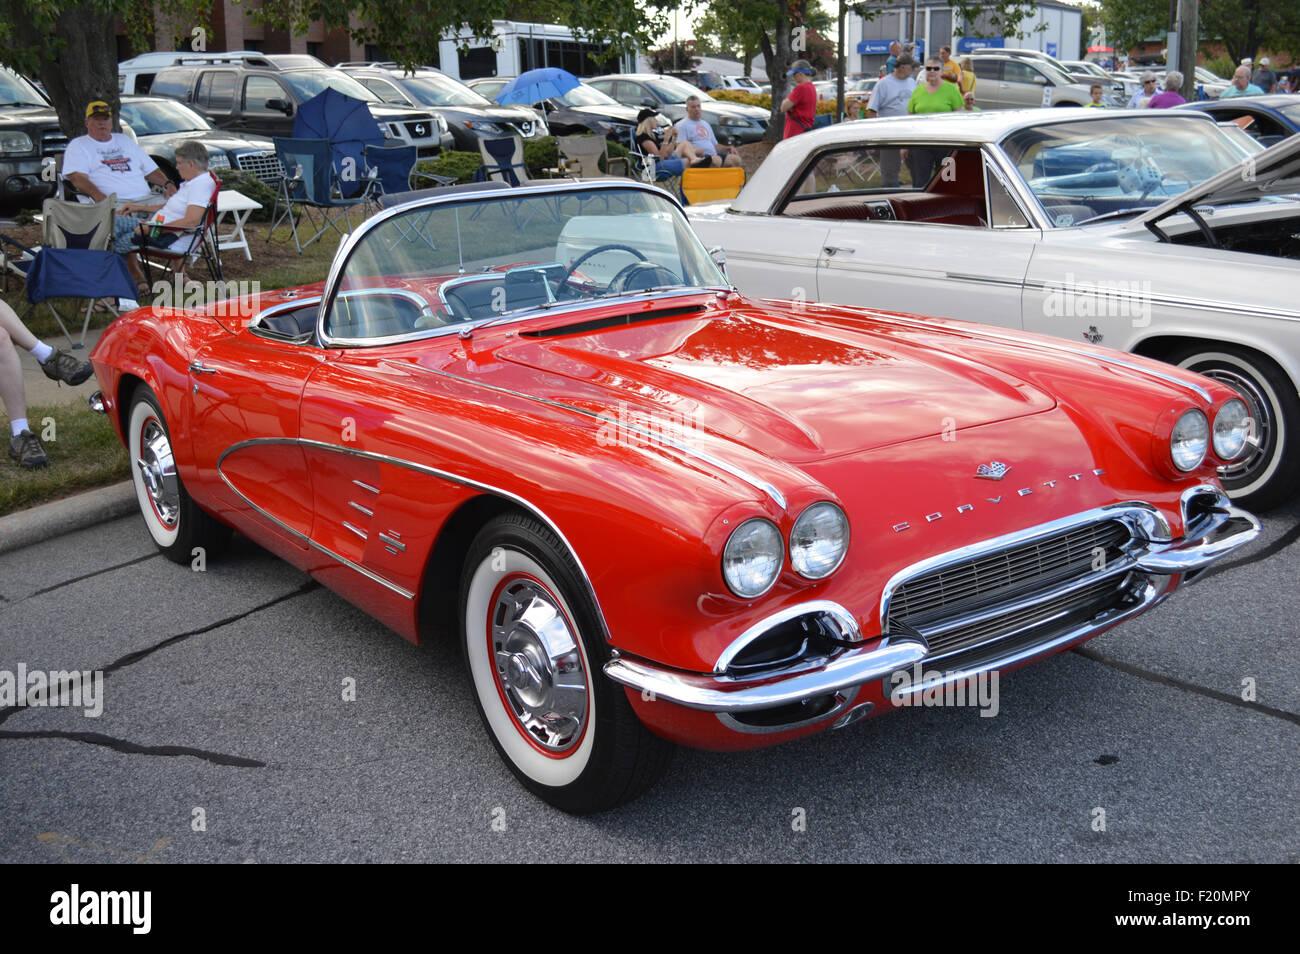 Kelebihan Kekurangan Corvette 1962 Top Model Tahun Ini